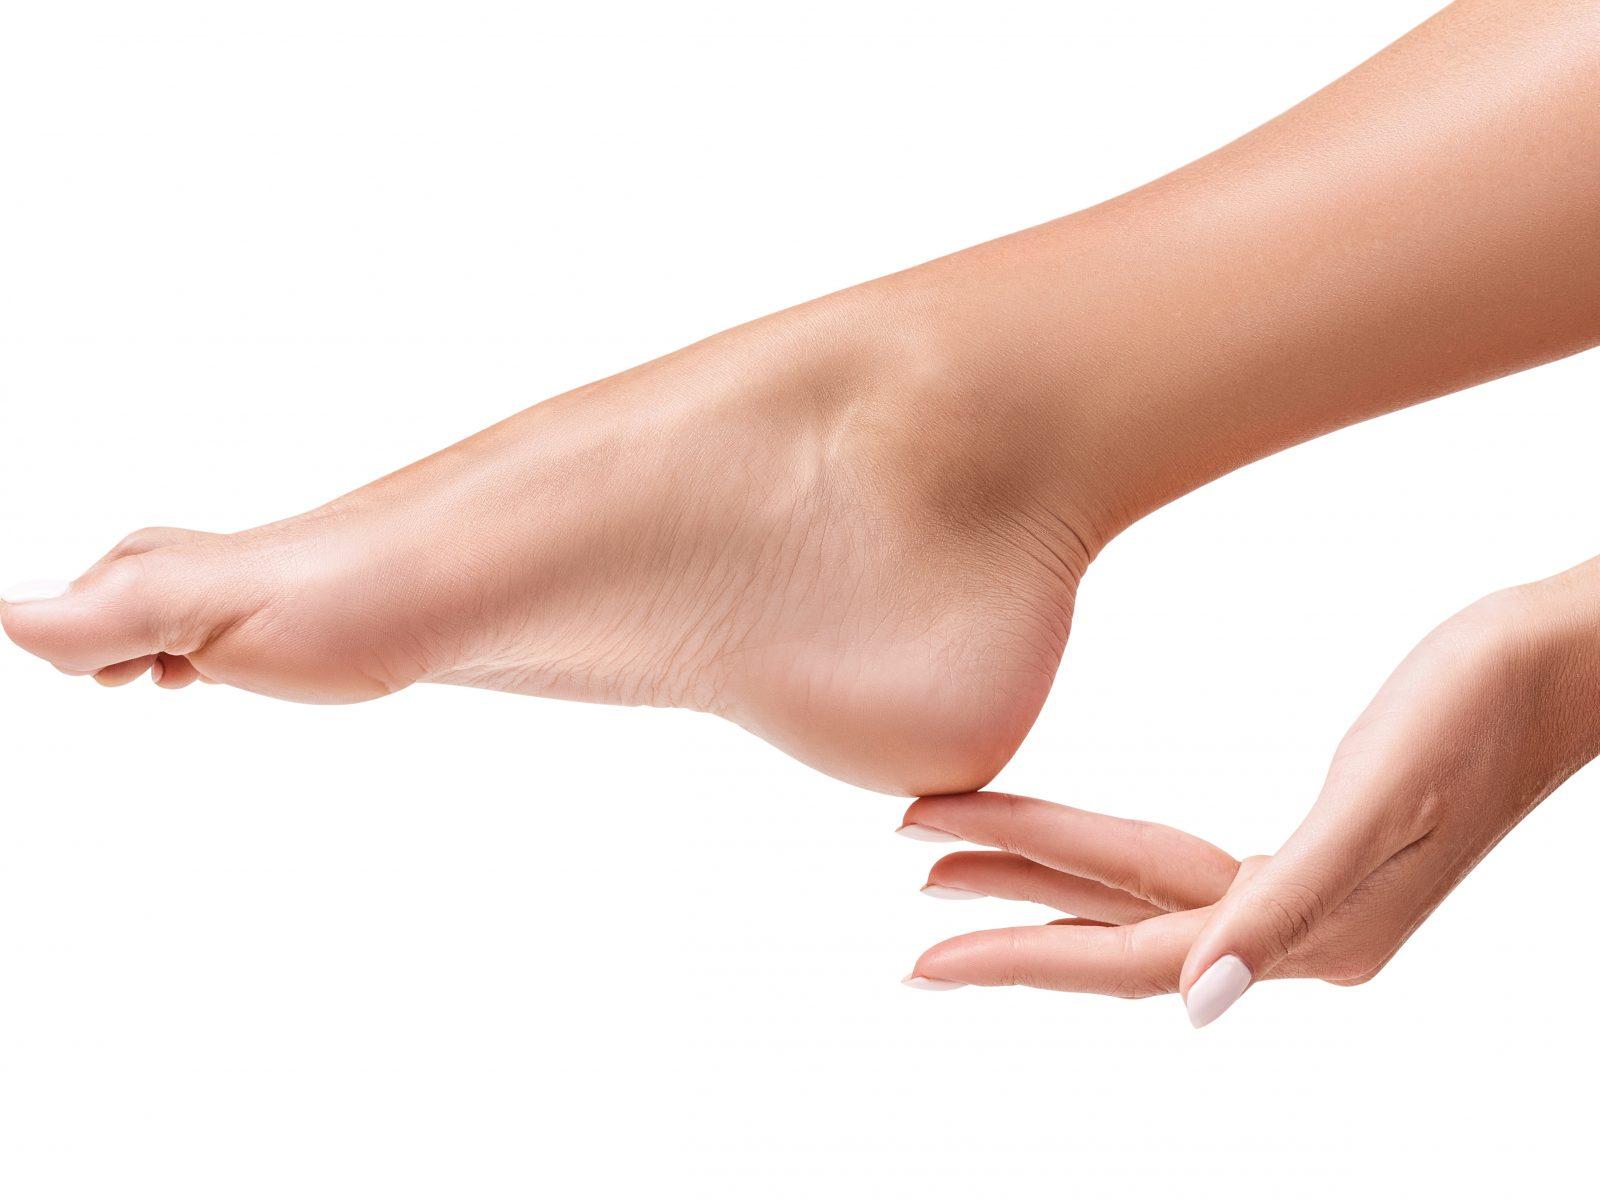 しびれ 足 の 親指 だけ